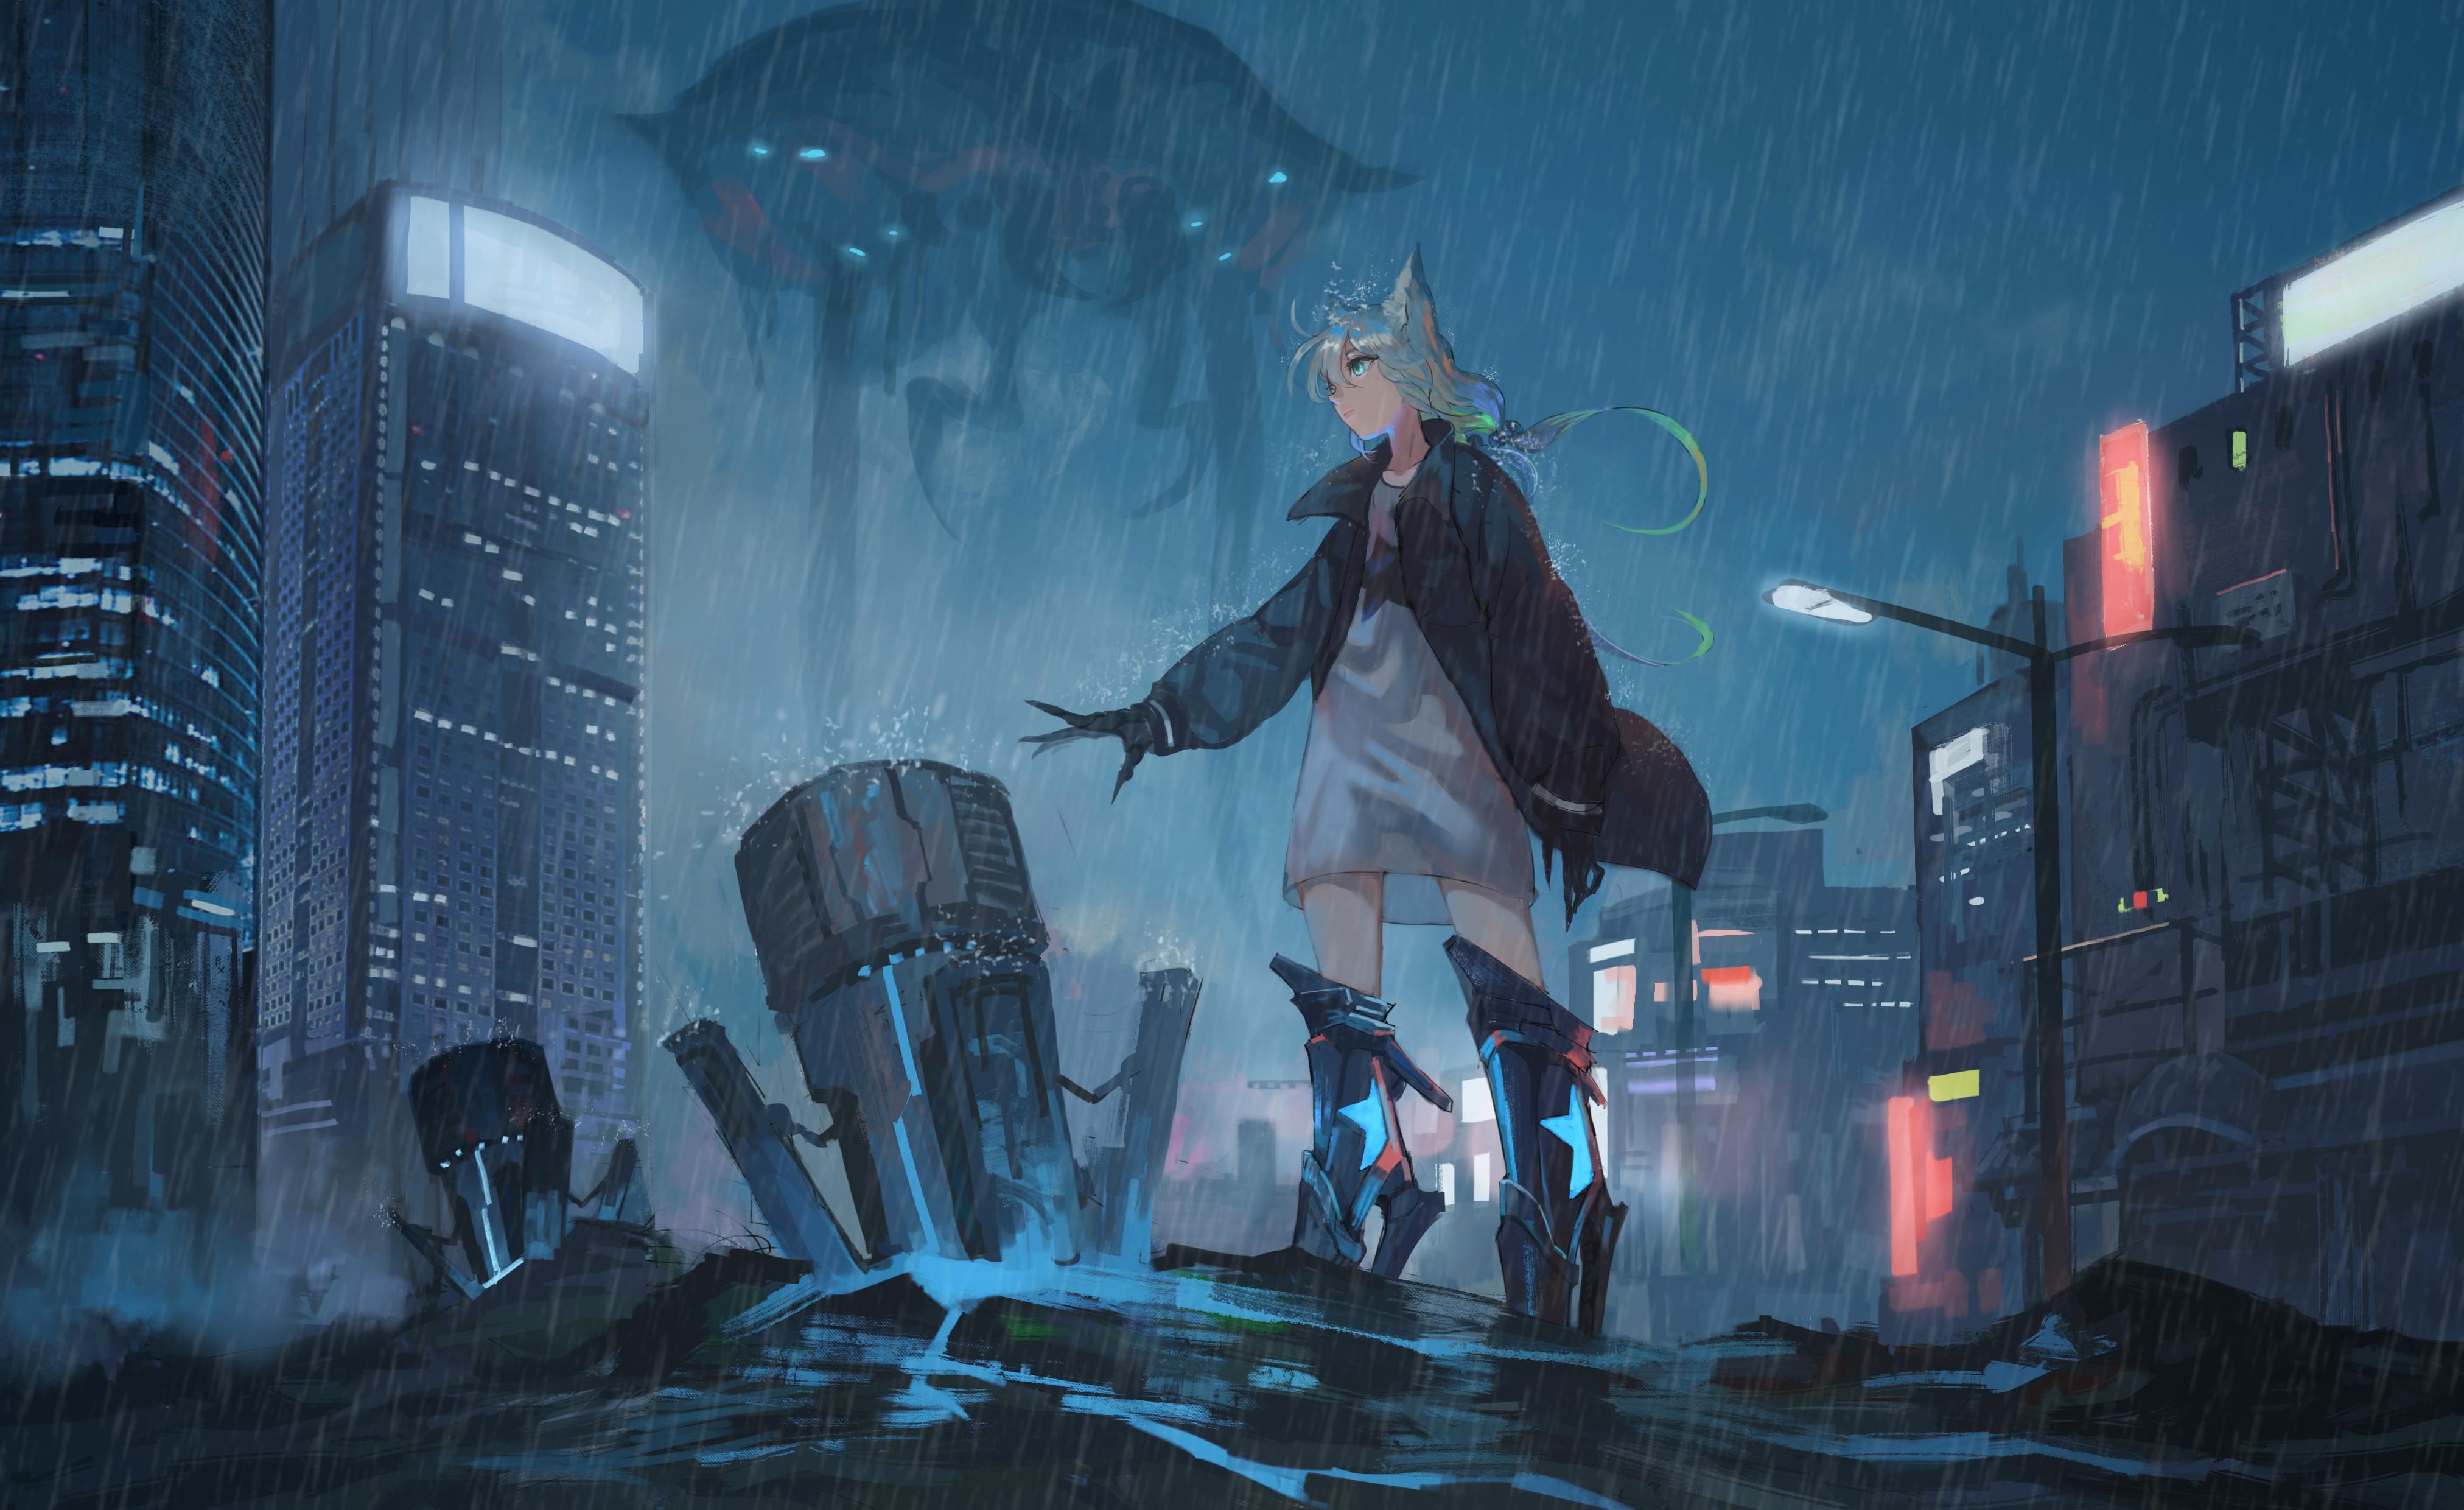 dark anime girls cityscape anime girls anime anime: gamers! rain